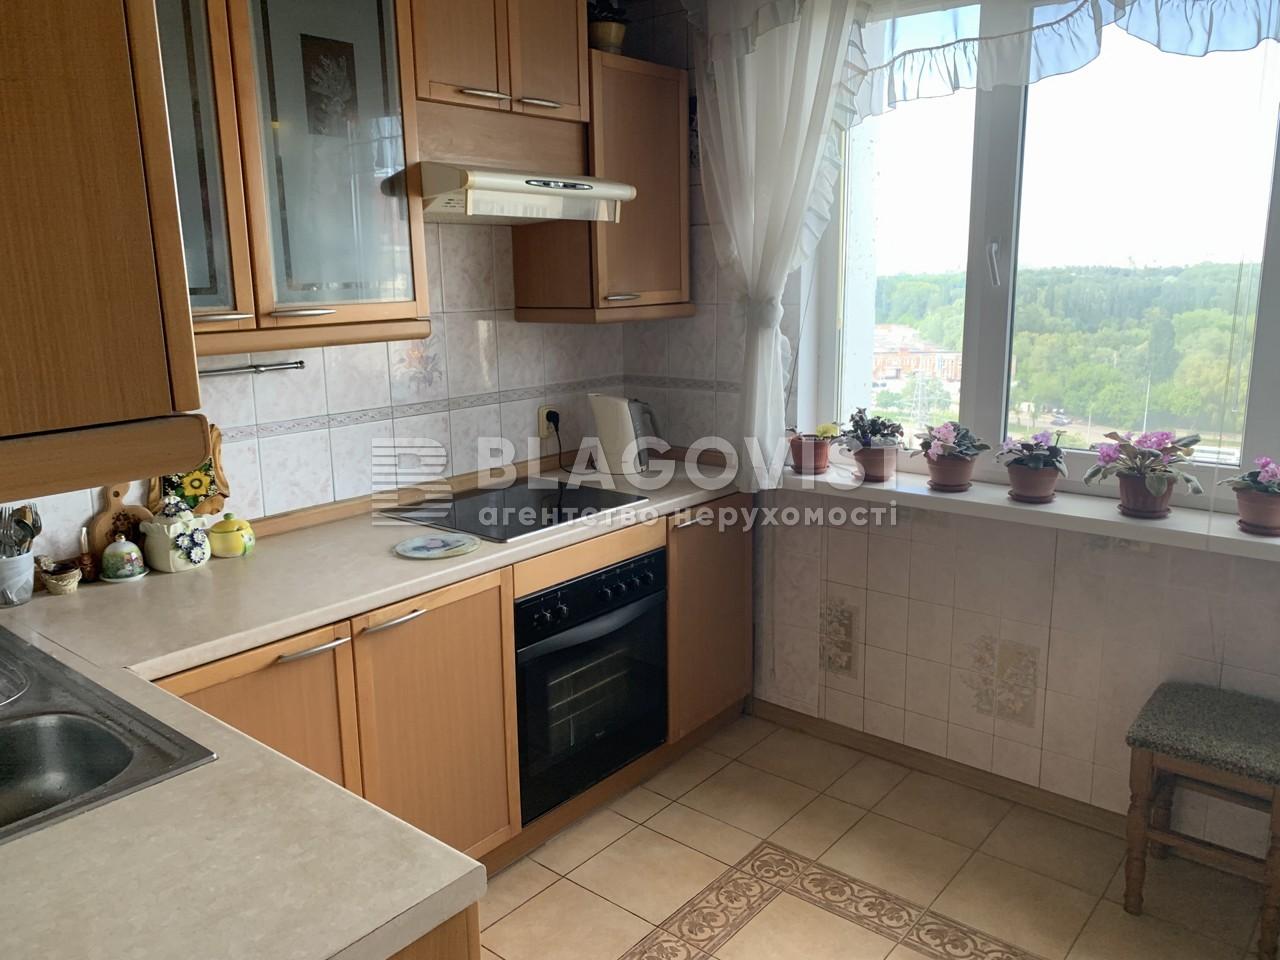 Квартира C-108346, Заболотного Академика, 76, Киев - Фото 1